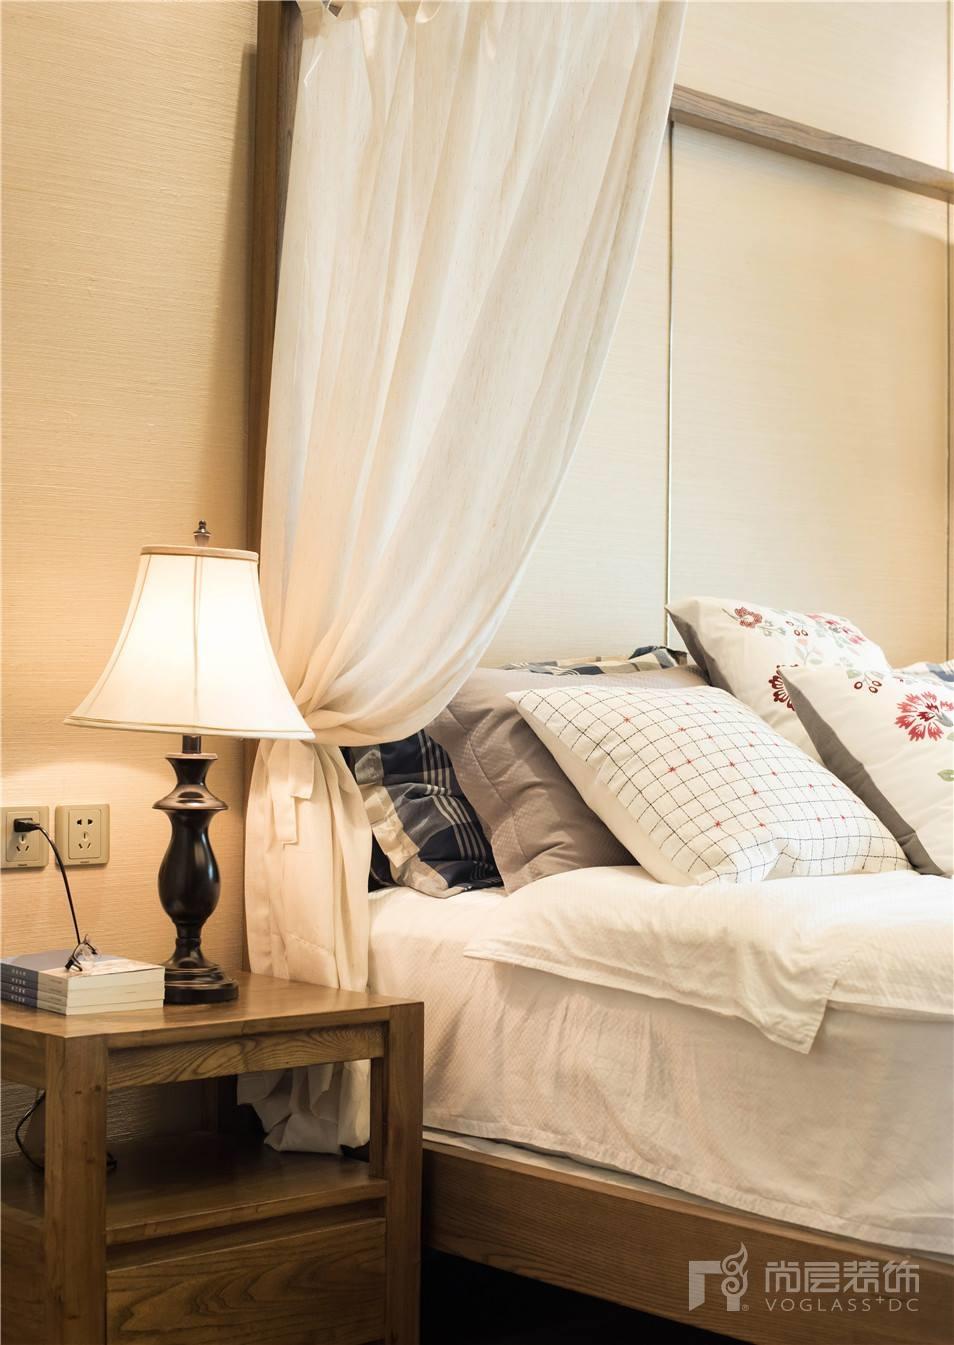 地面胡桃木底板通铺,美观大方室内软装与棕木色护墙